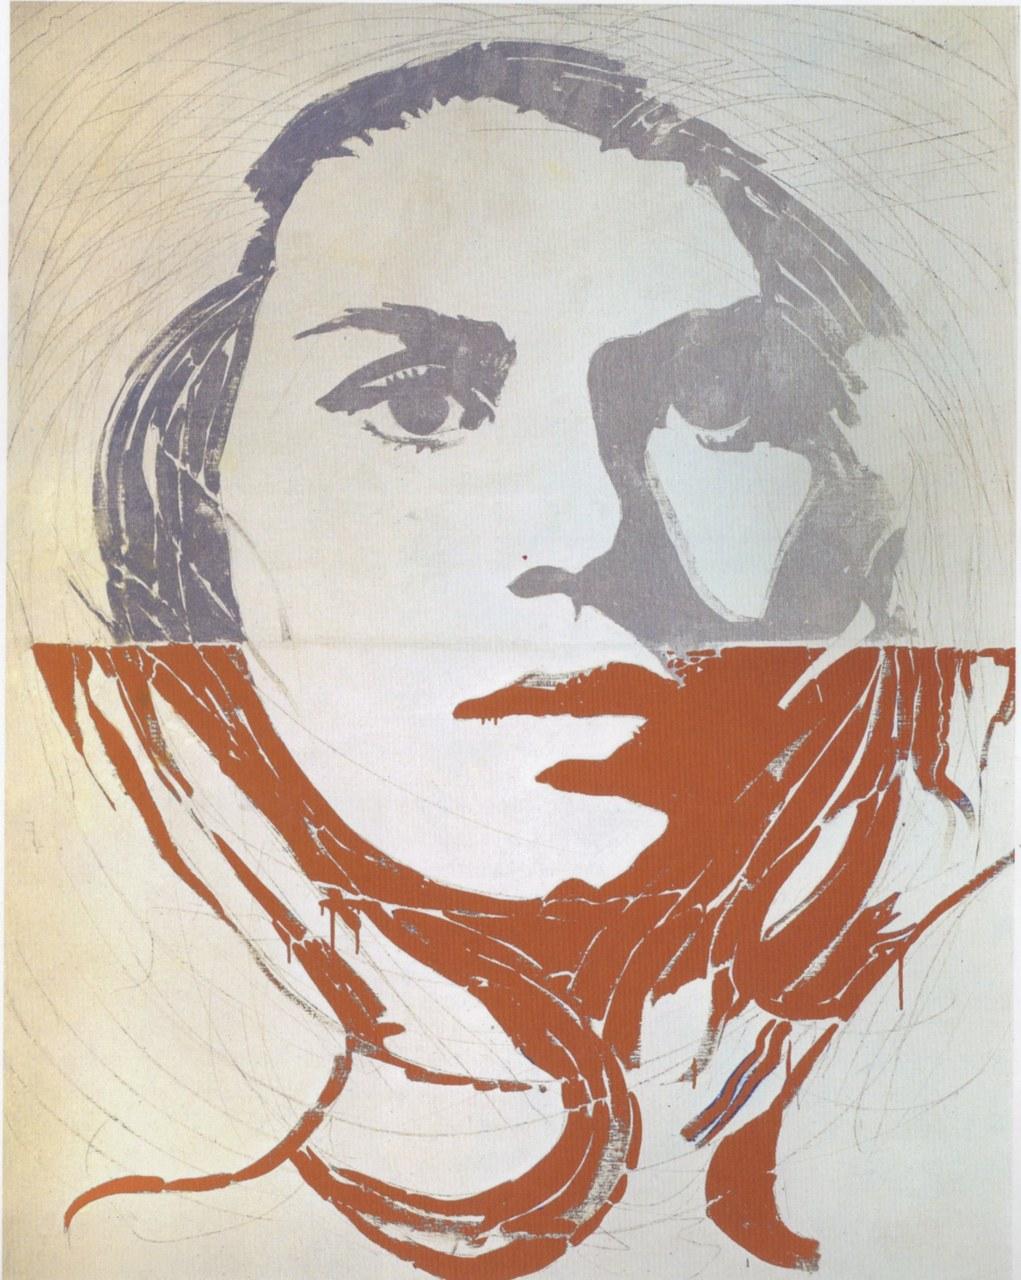 Giosetta Fioroni, Volto bicolore, 1966